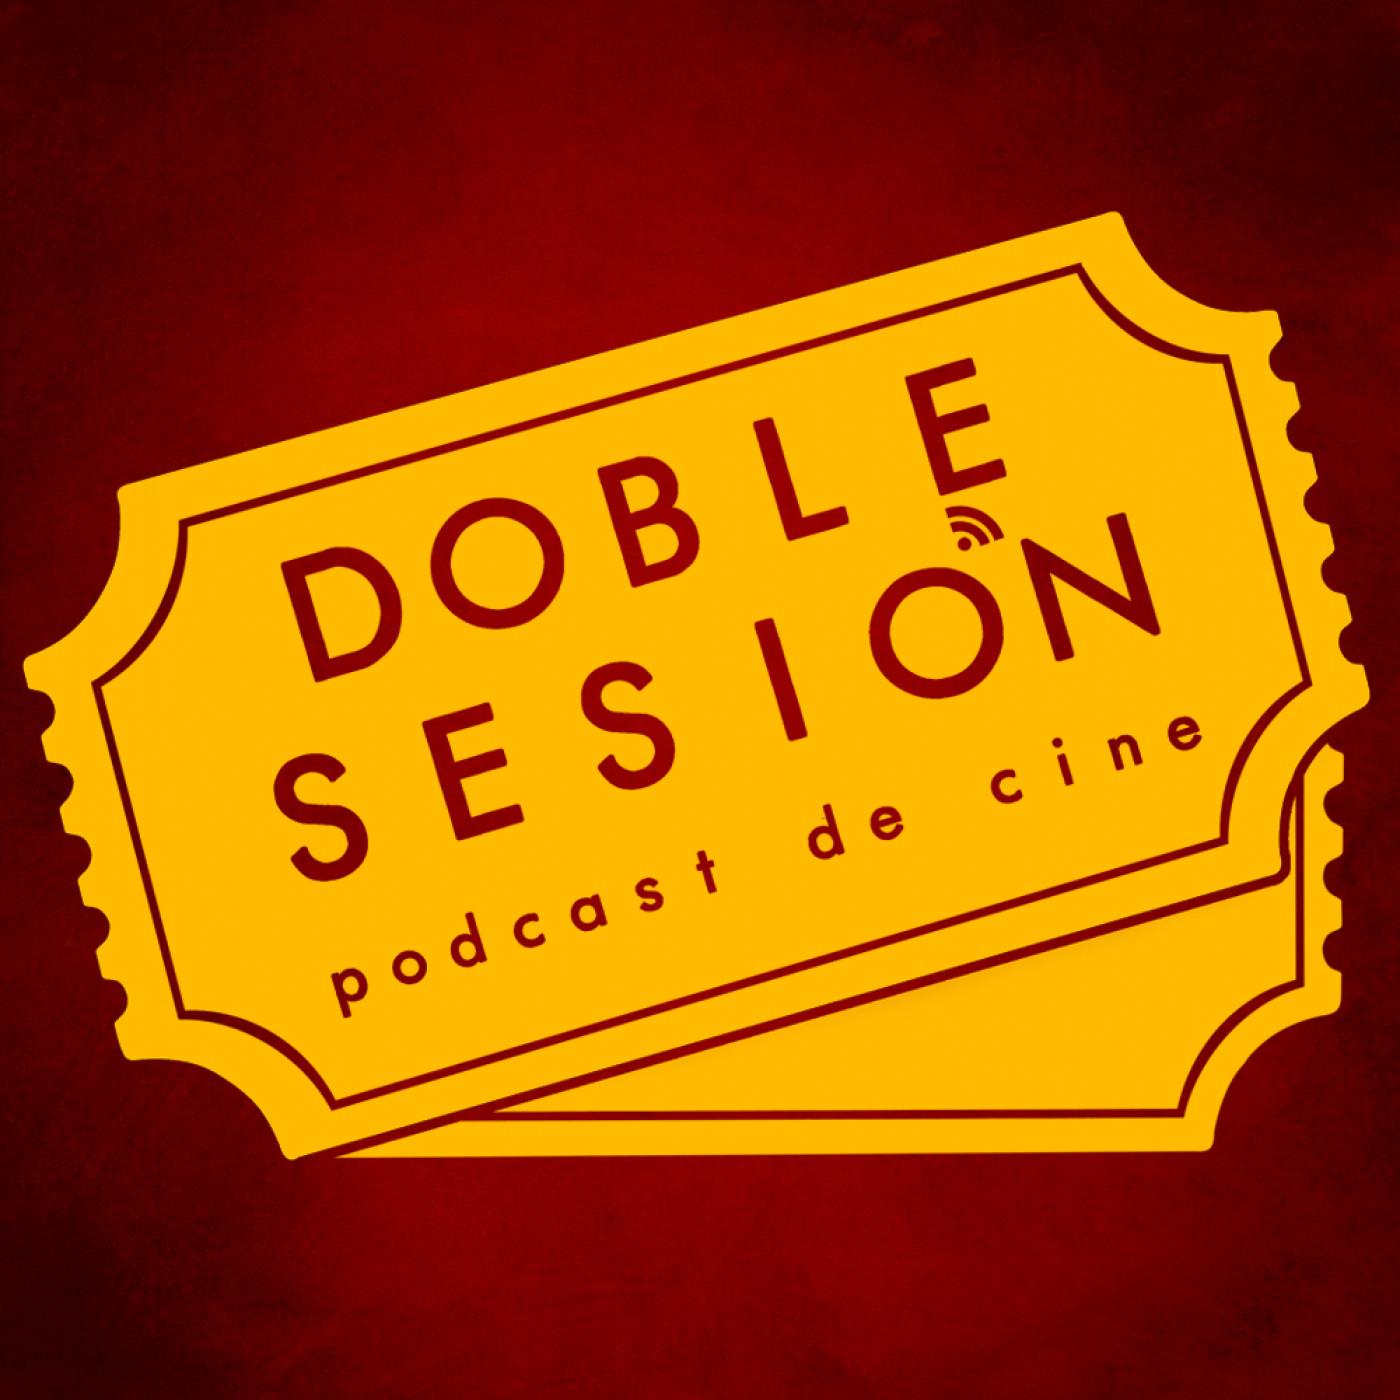 Logo de Doble Sesión Podcast de Cine